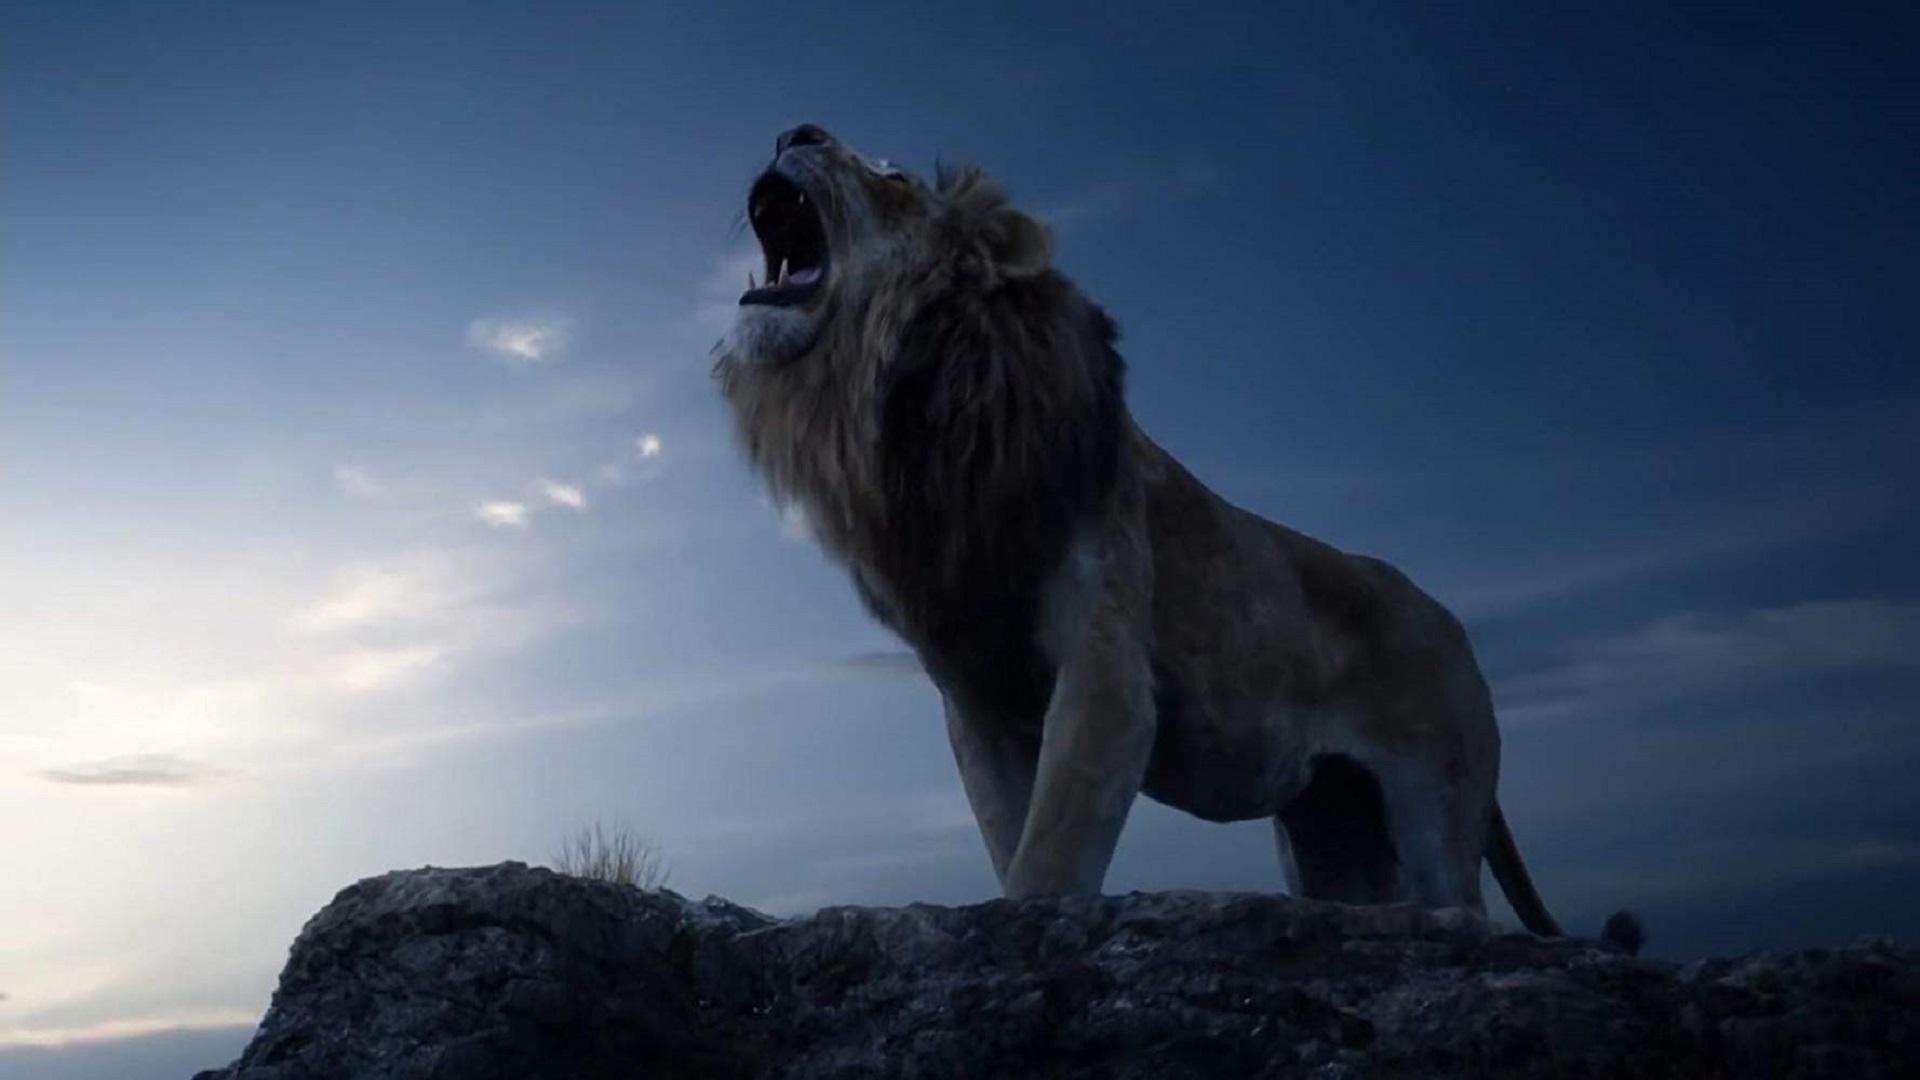 Hình nền đẹp sư tử gầm